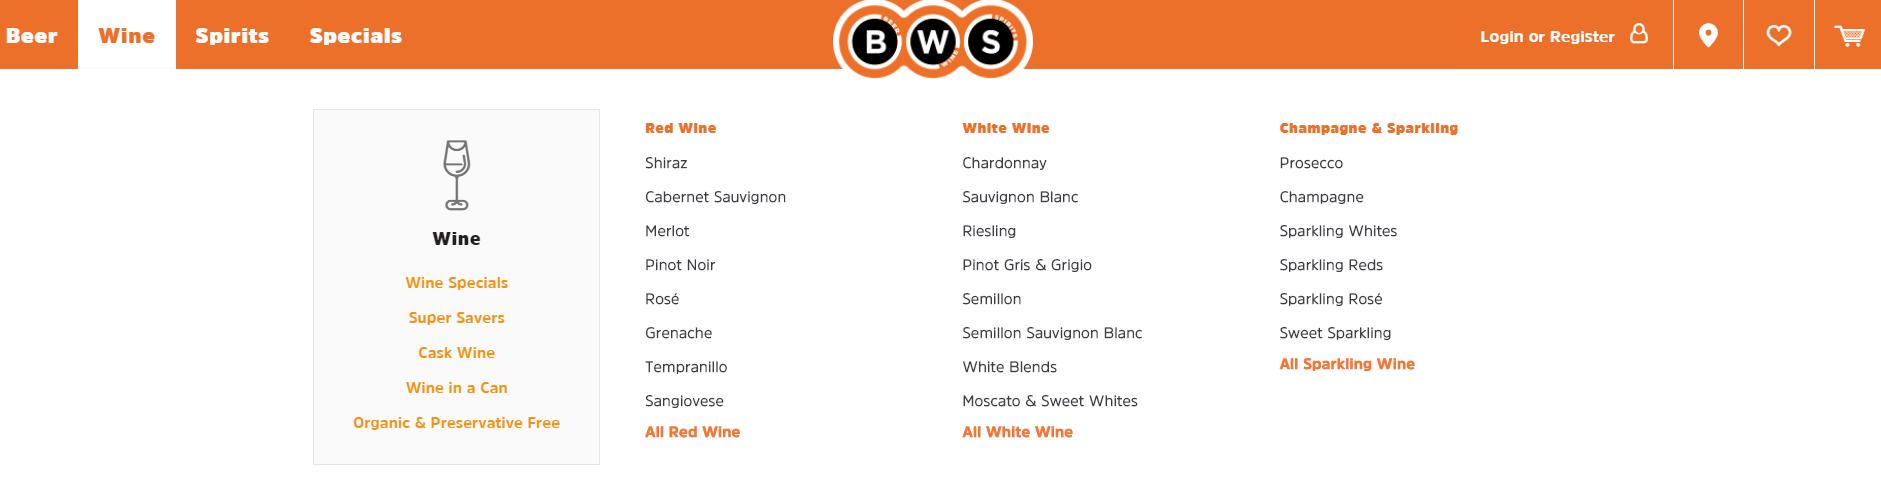 BWS Wine